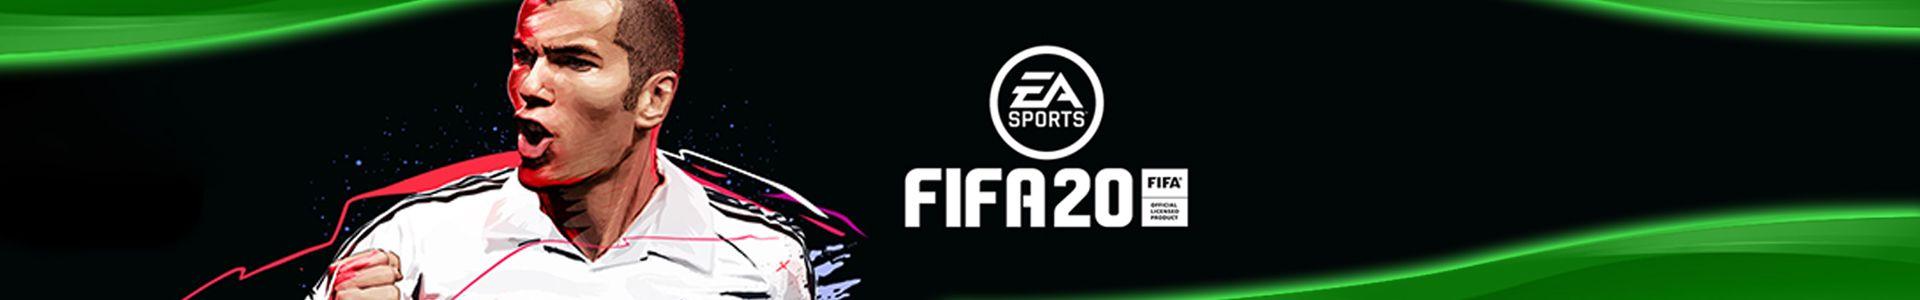 FIFA 20 Points Gavekort